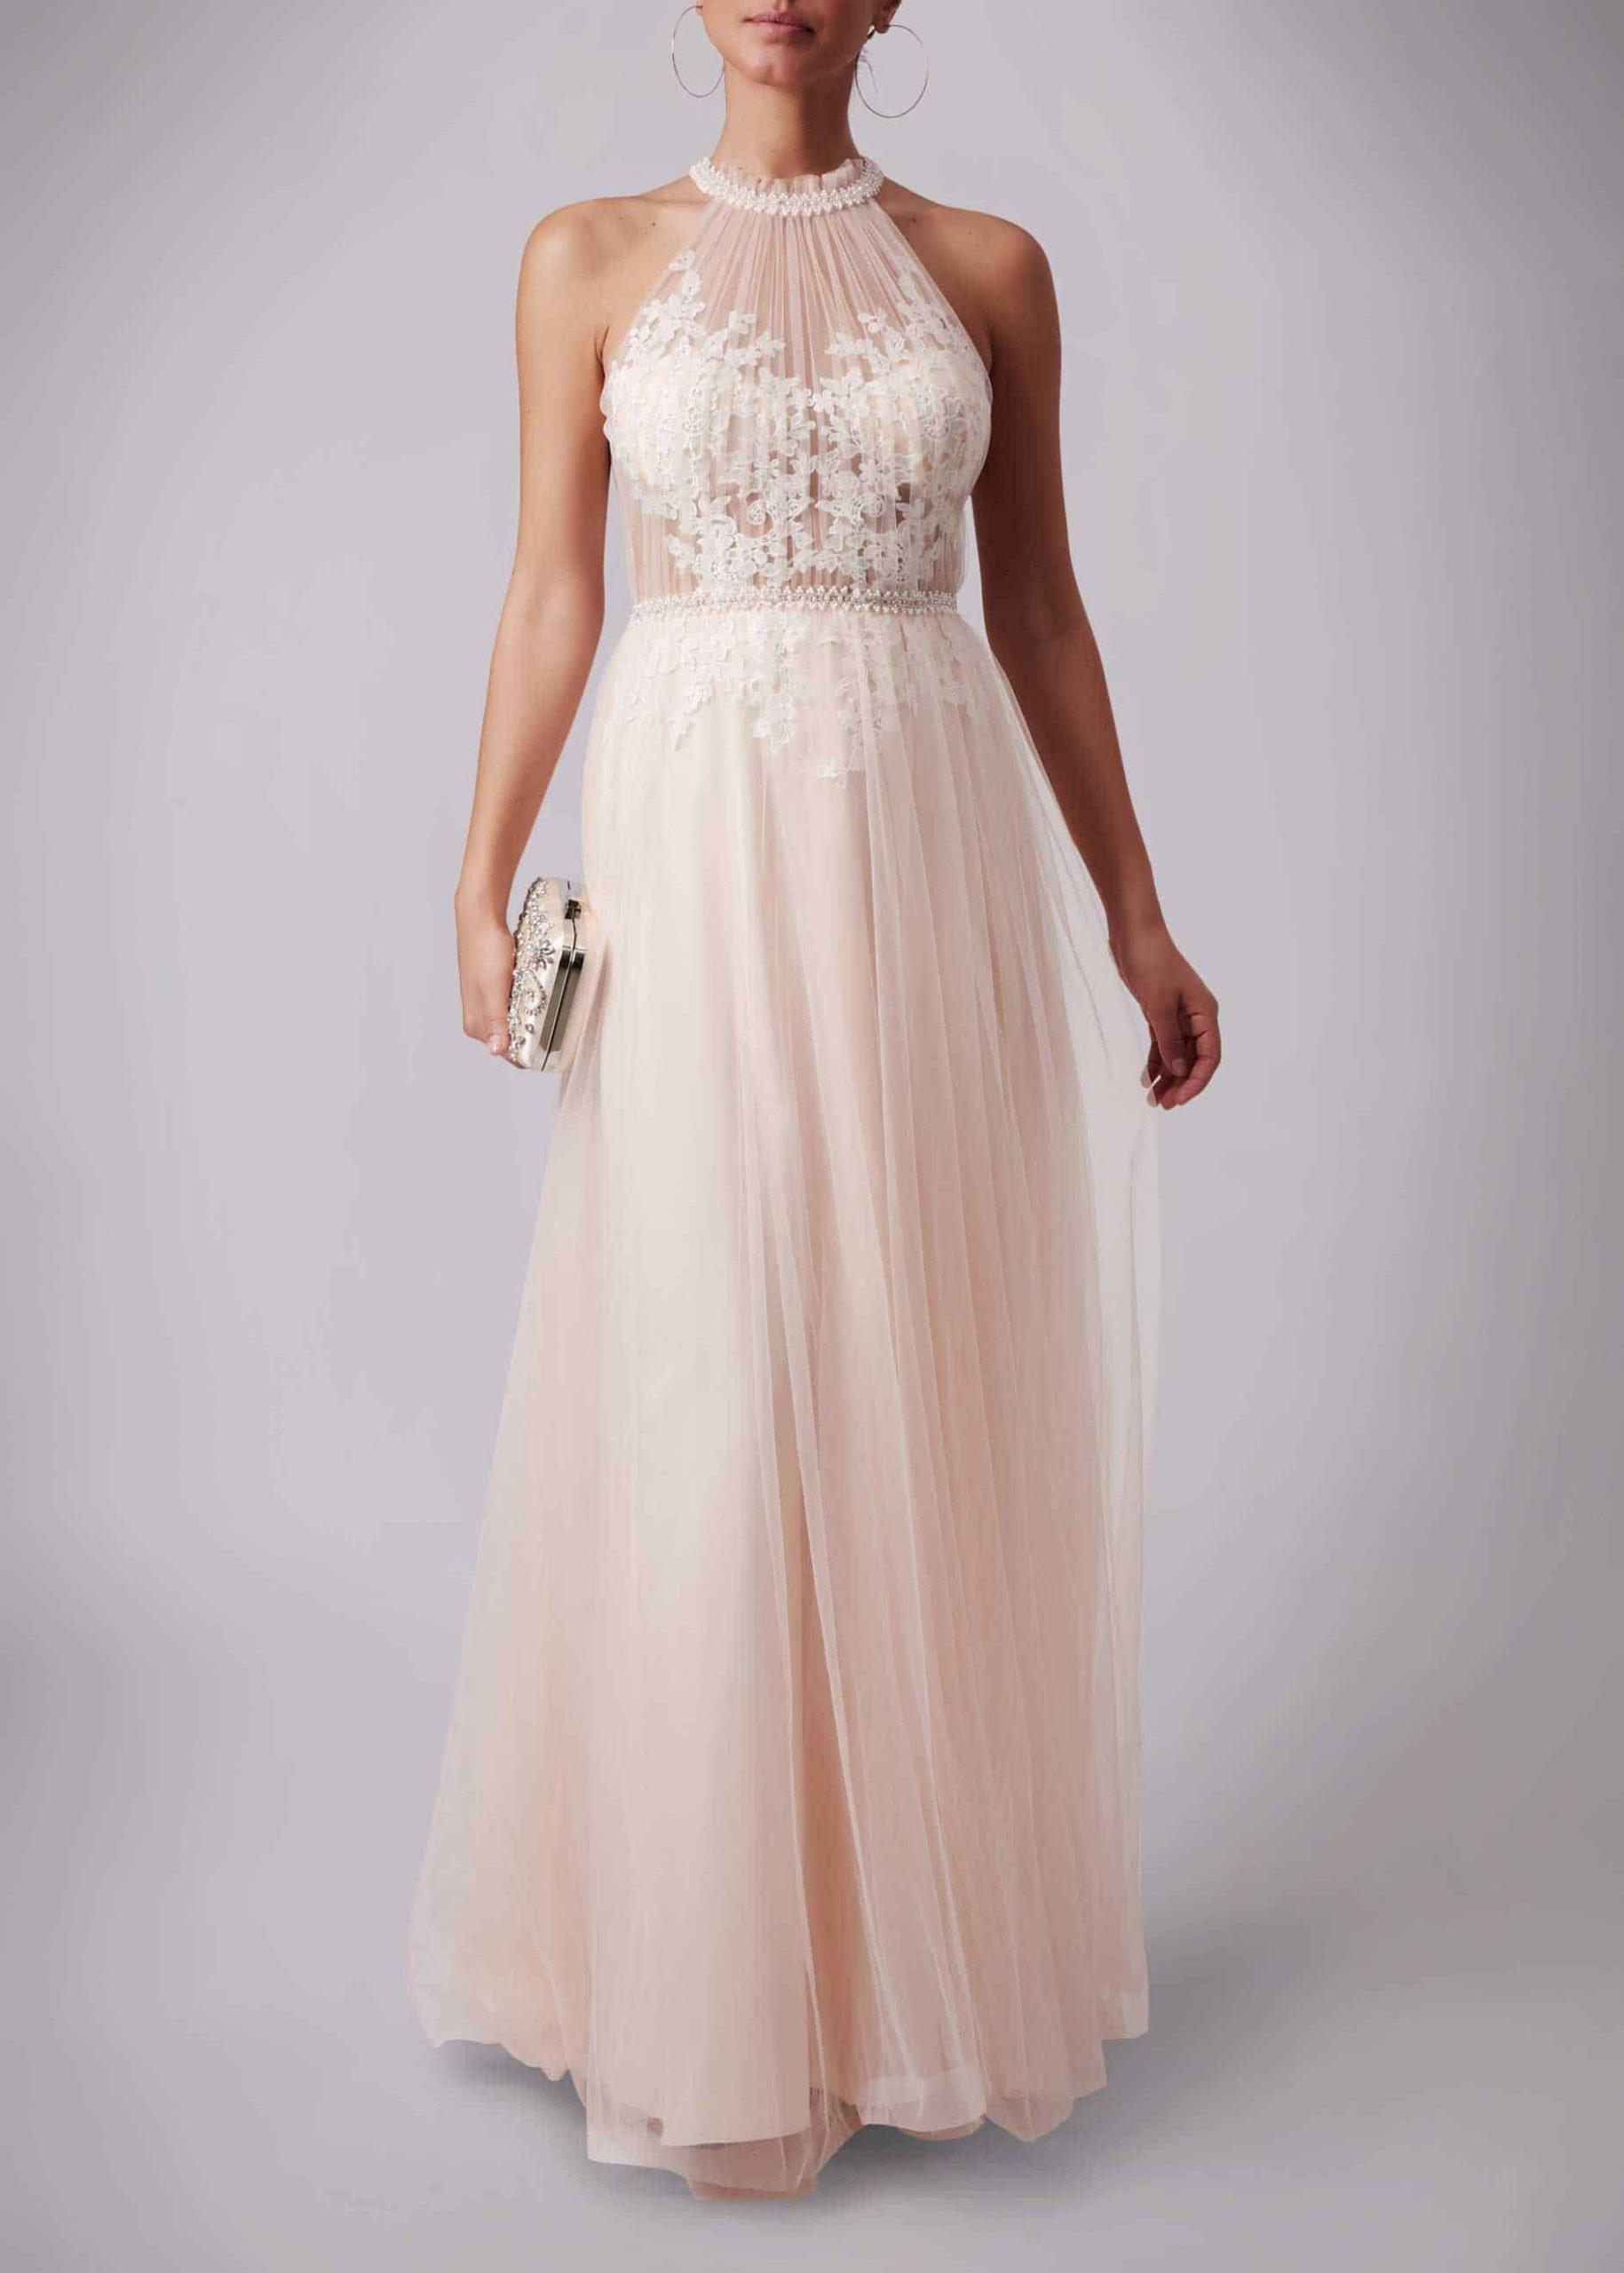 15 Schön Abend Kleid Mit Spitze Vertrieb Großartig Abend Kleid Mit Spitze Vertrieb